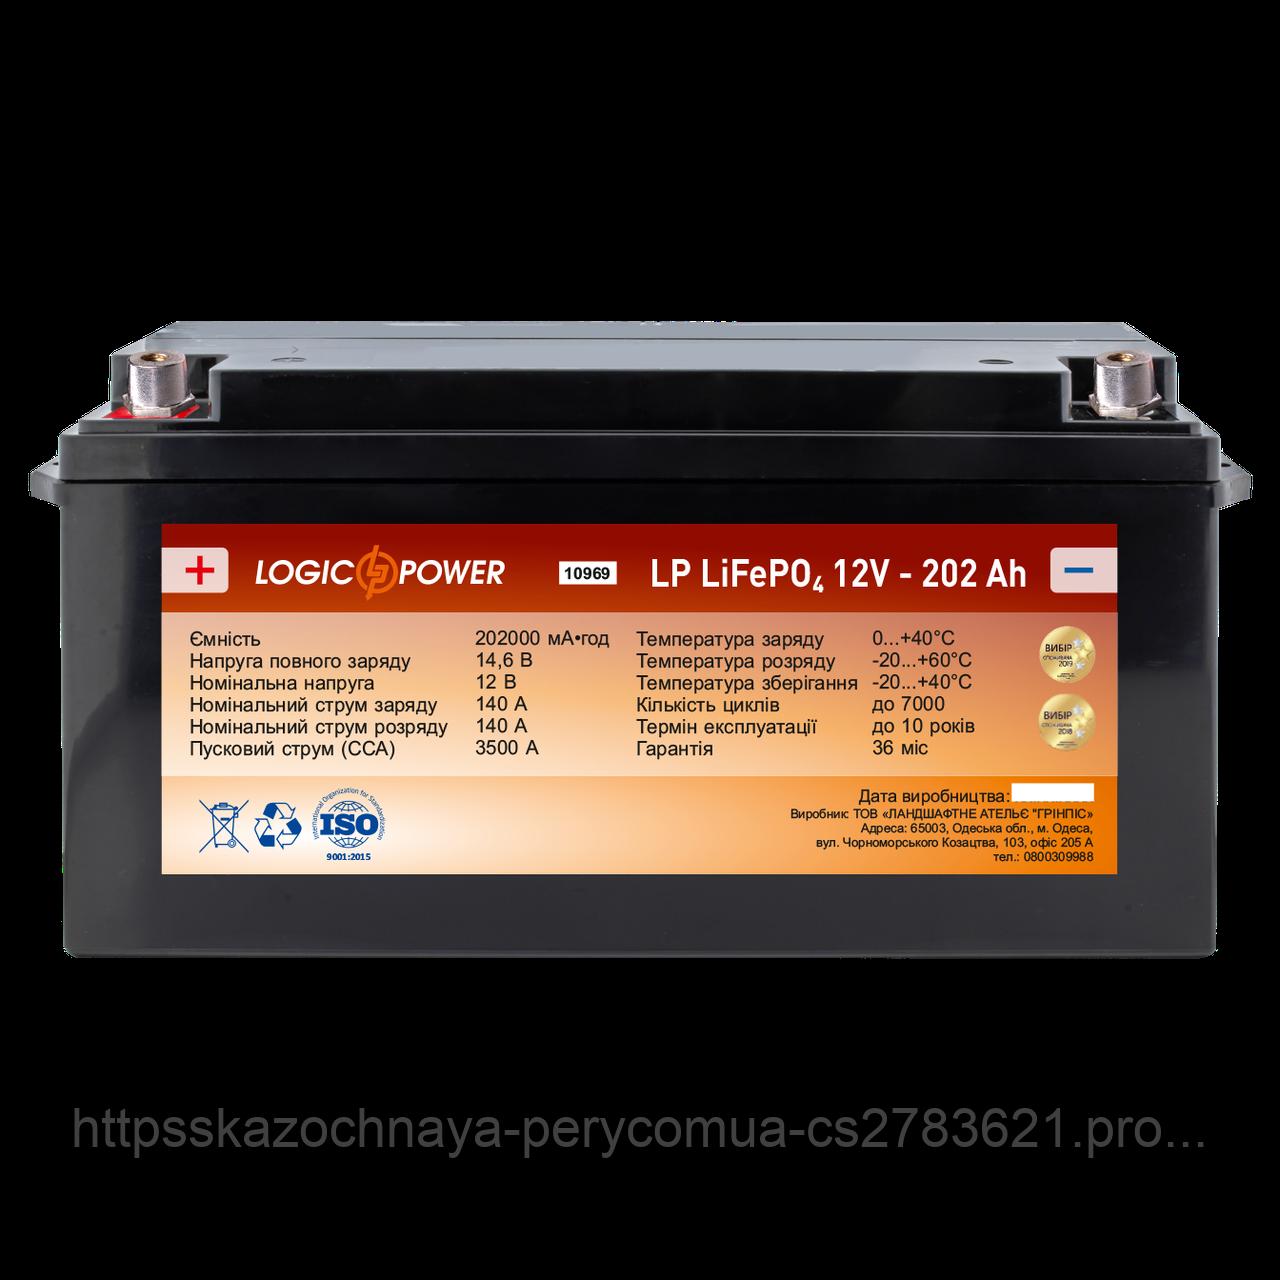 Акумулятор для автомобіля літієвий LP LiFePO4 12V - 202 Ah (+ зліва, пряма полярність) пластик